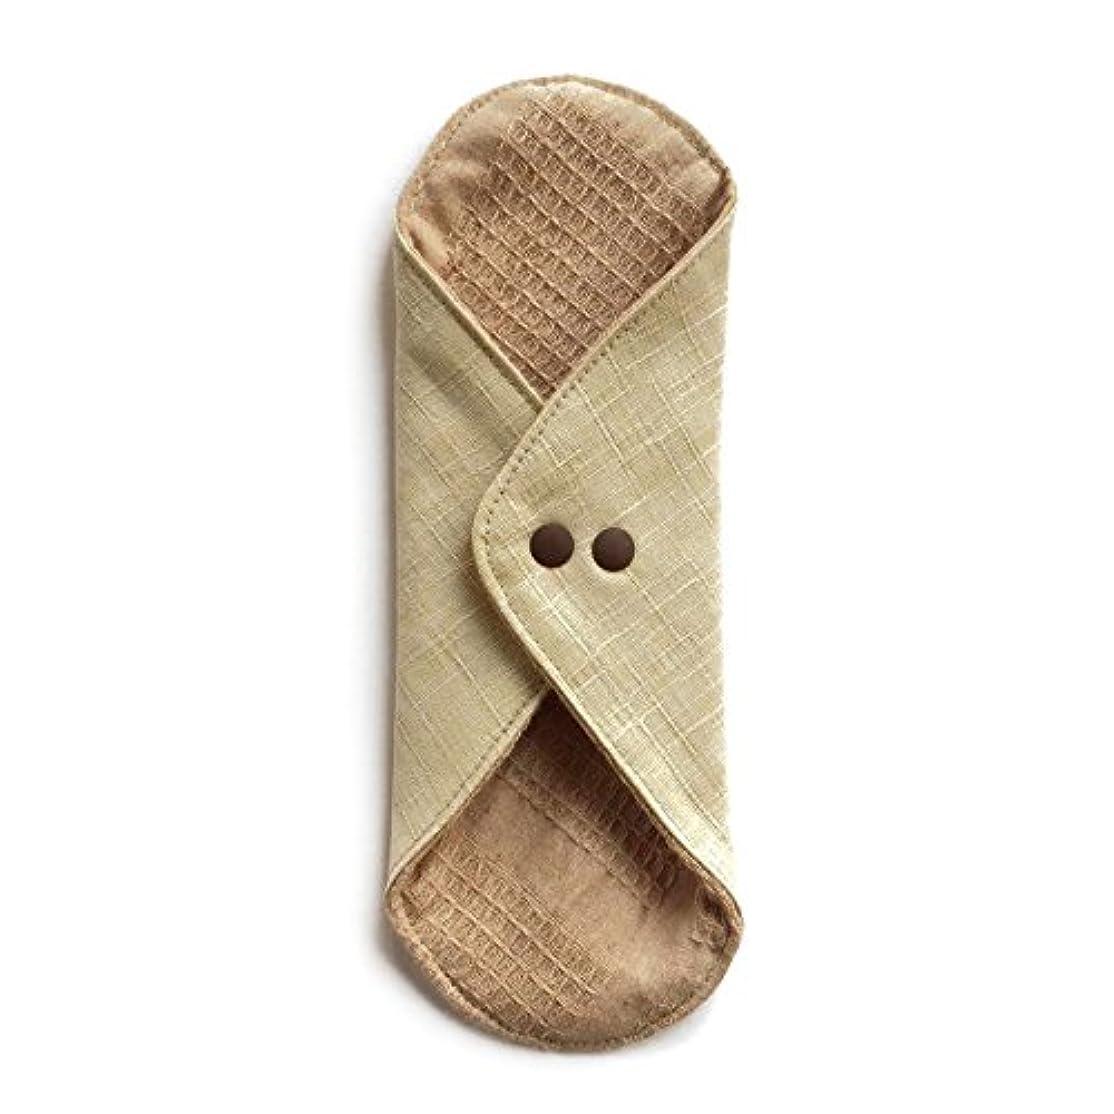 上下するエスニック潜在的な華布のオーガニックコットンのあたため布 Lサイズ (約18×約20.5×約0.5cm) 彩り(百合)